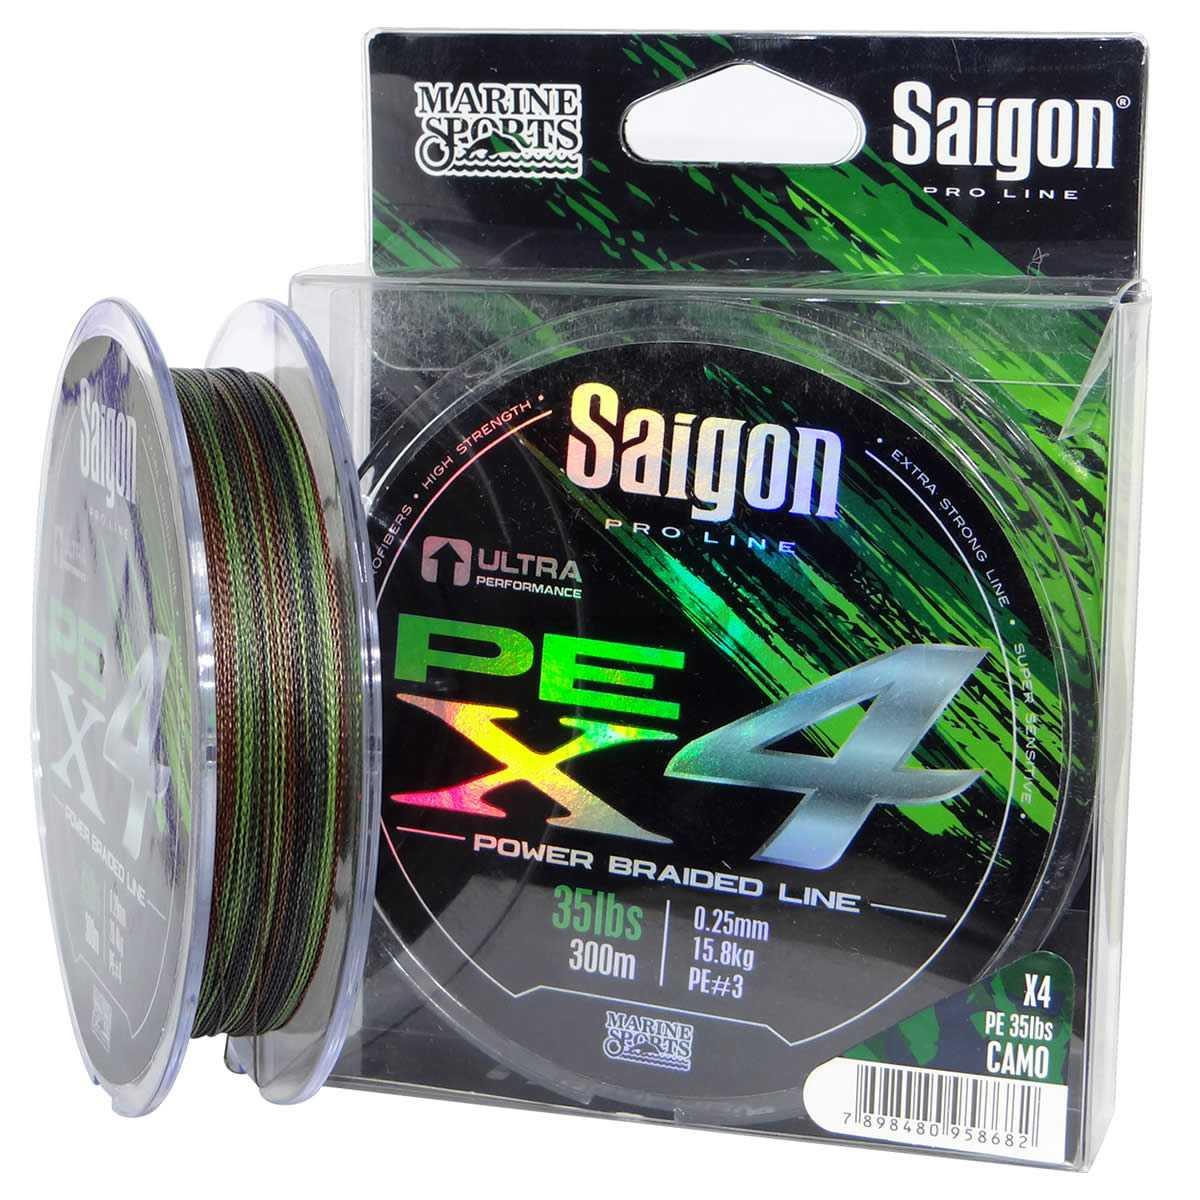 Linha Saigon Pro Line Multifilamento x4 0,25mm 35Lbs/15,8kg - 150 Metros  - Life Pesca - Sua loja de Pesca, Camping e Lazer